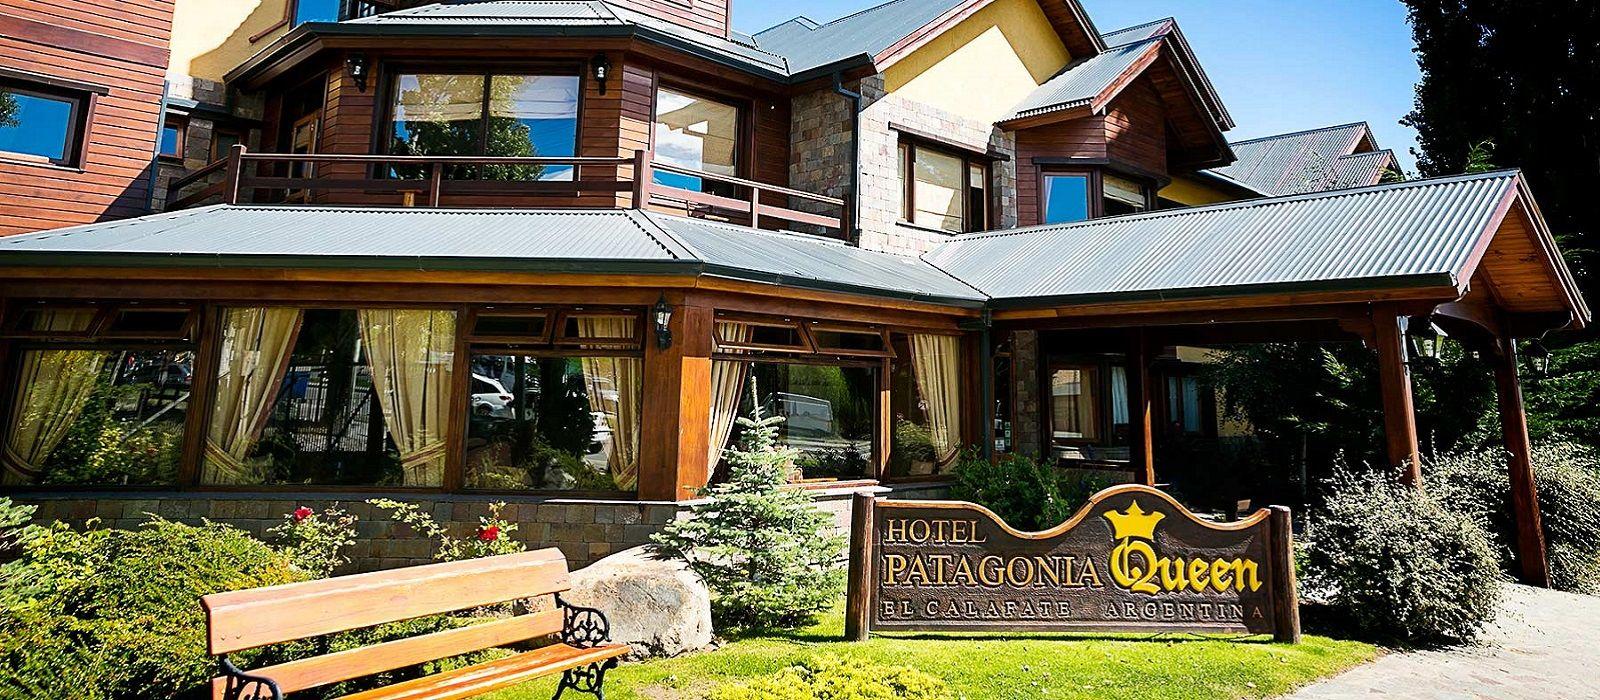 Hotel Patagonia Queen Argentina